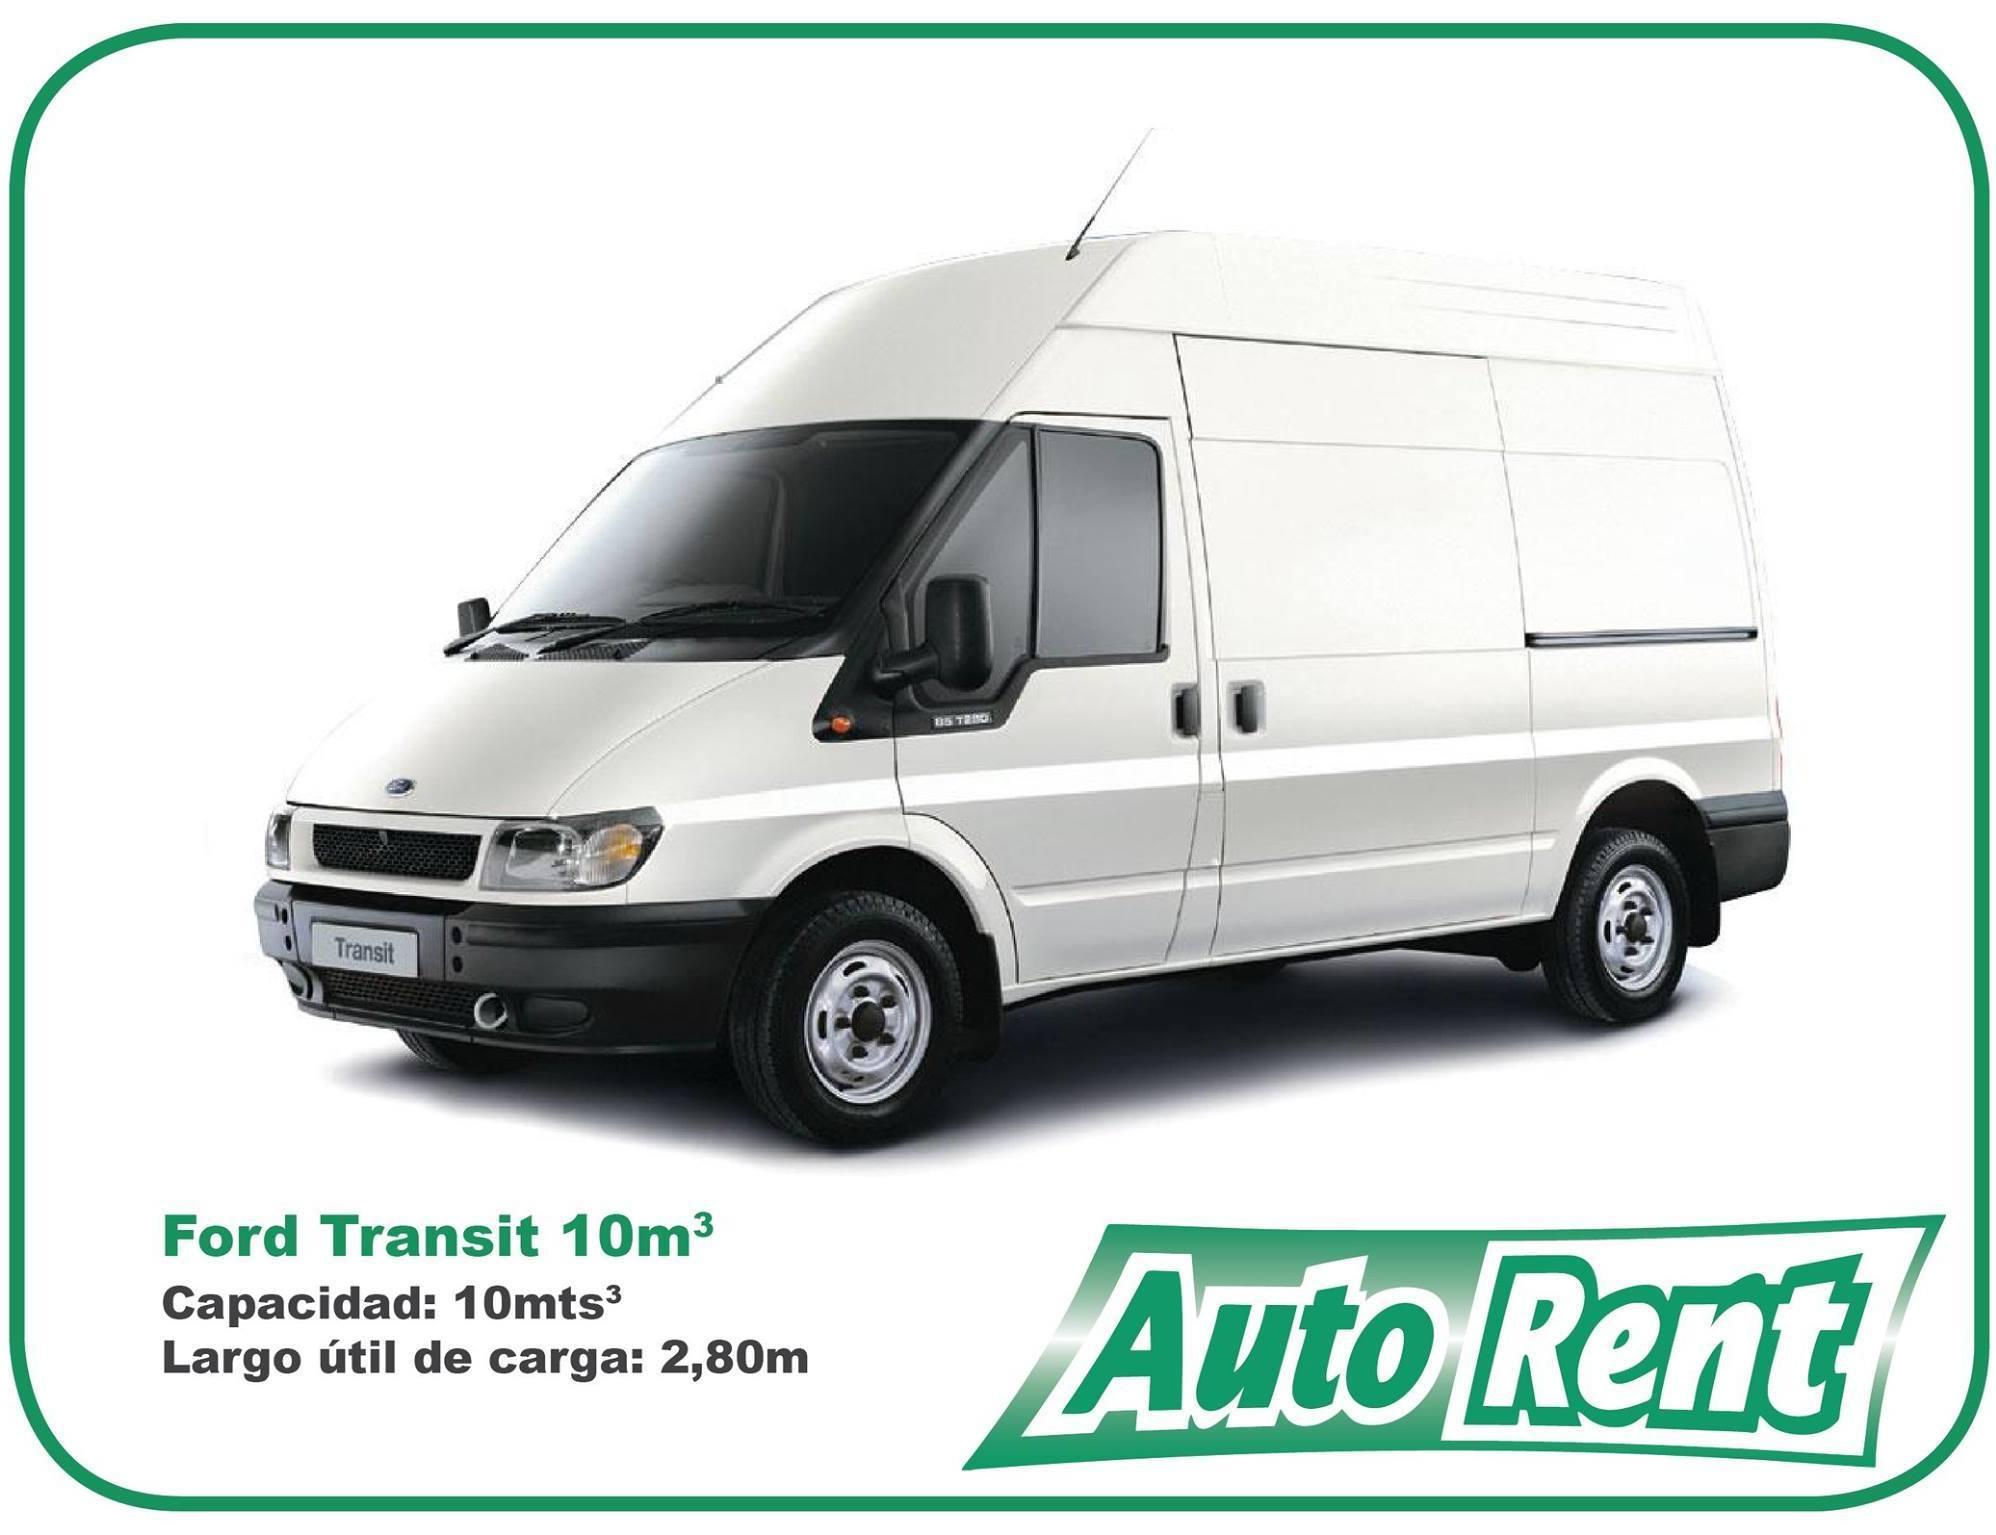 Alquiler de furgonetas y camiones: Servicios de Auto Rent